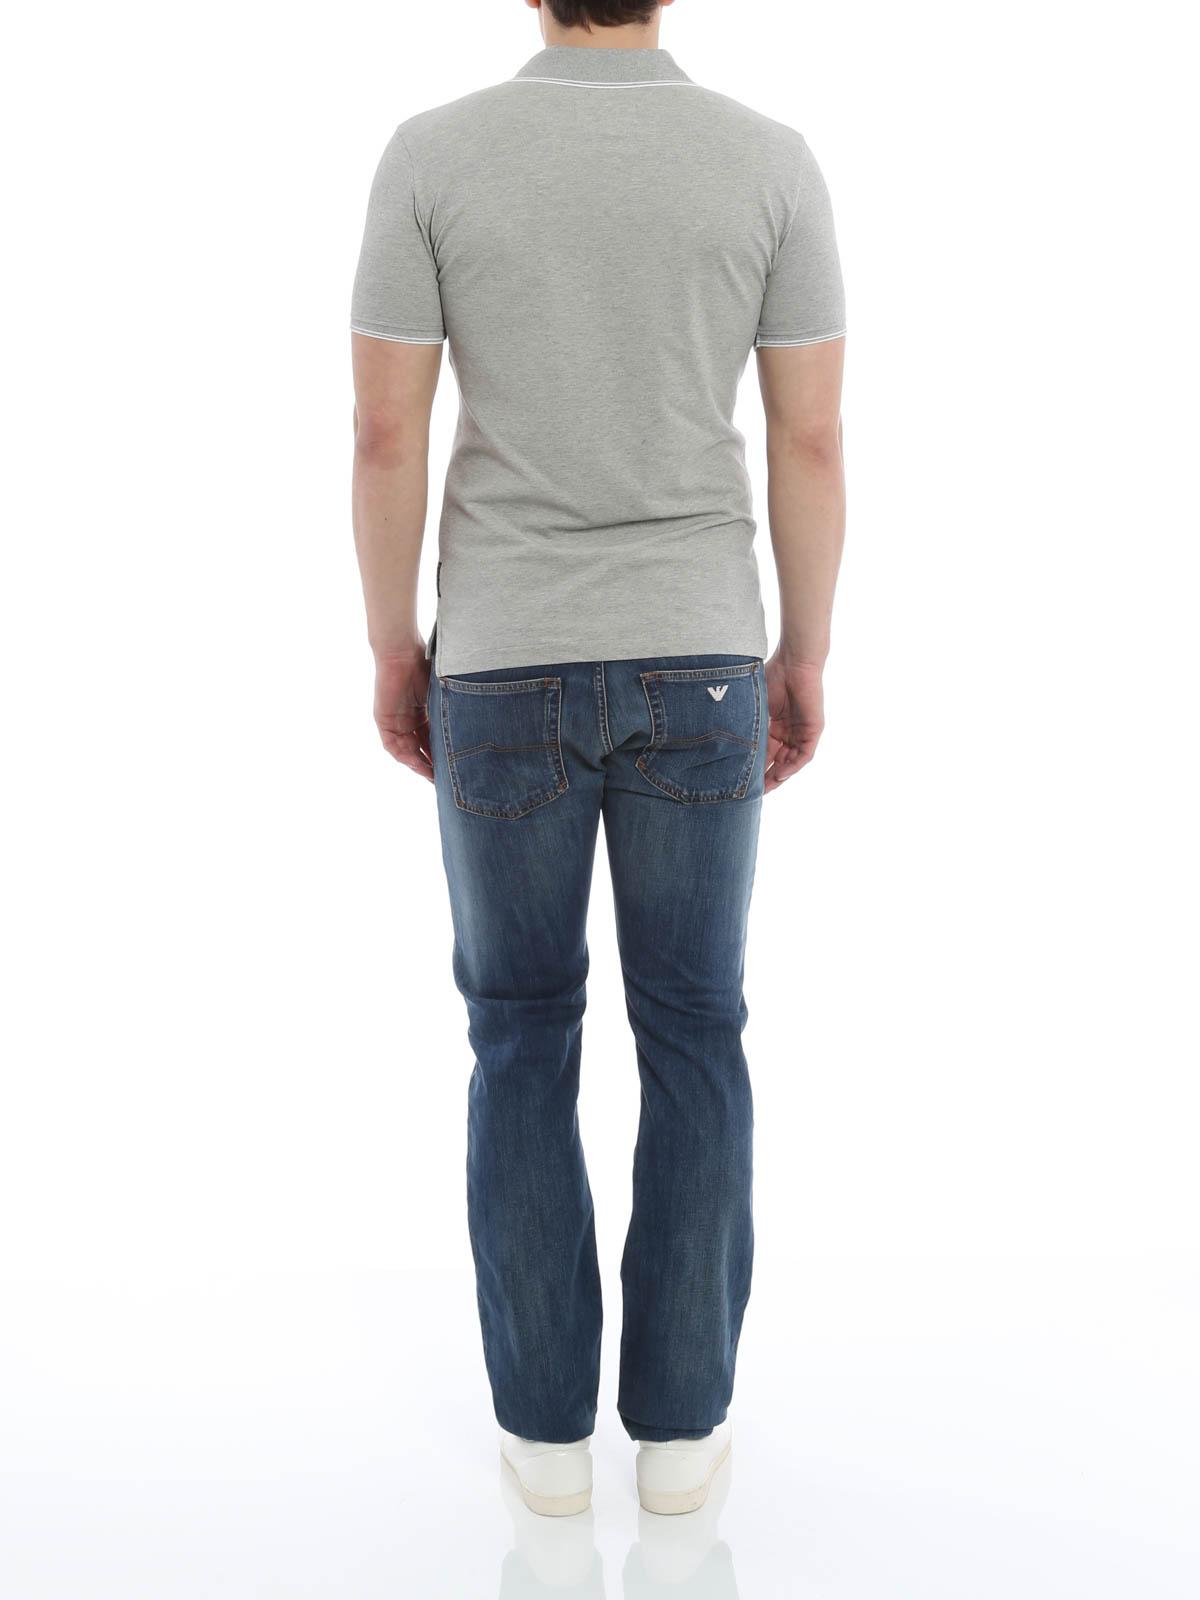 Aj Polo Shirt By Armani Jeans Polo Shirts Ikrix